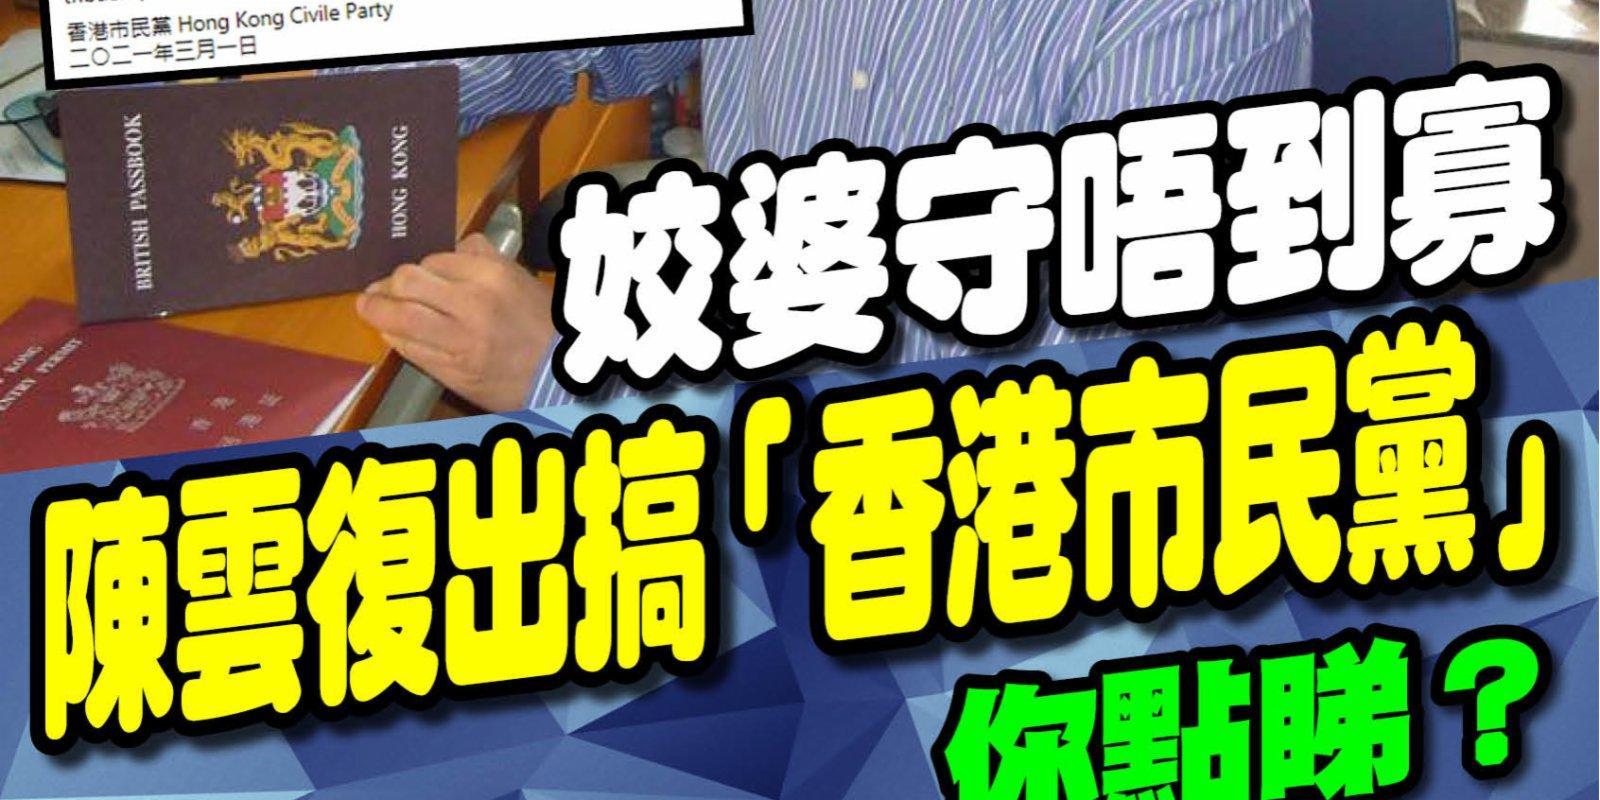 姣婆守唔到寡 陳雲復出搞「香港市民黨」 你點睇?